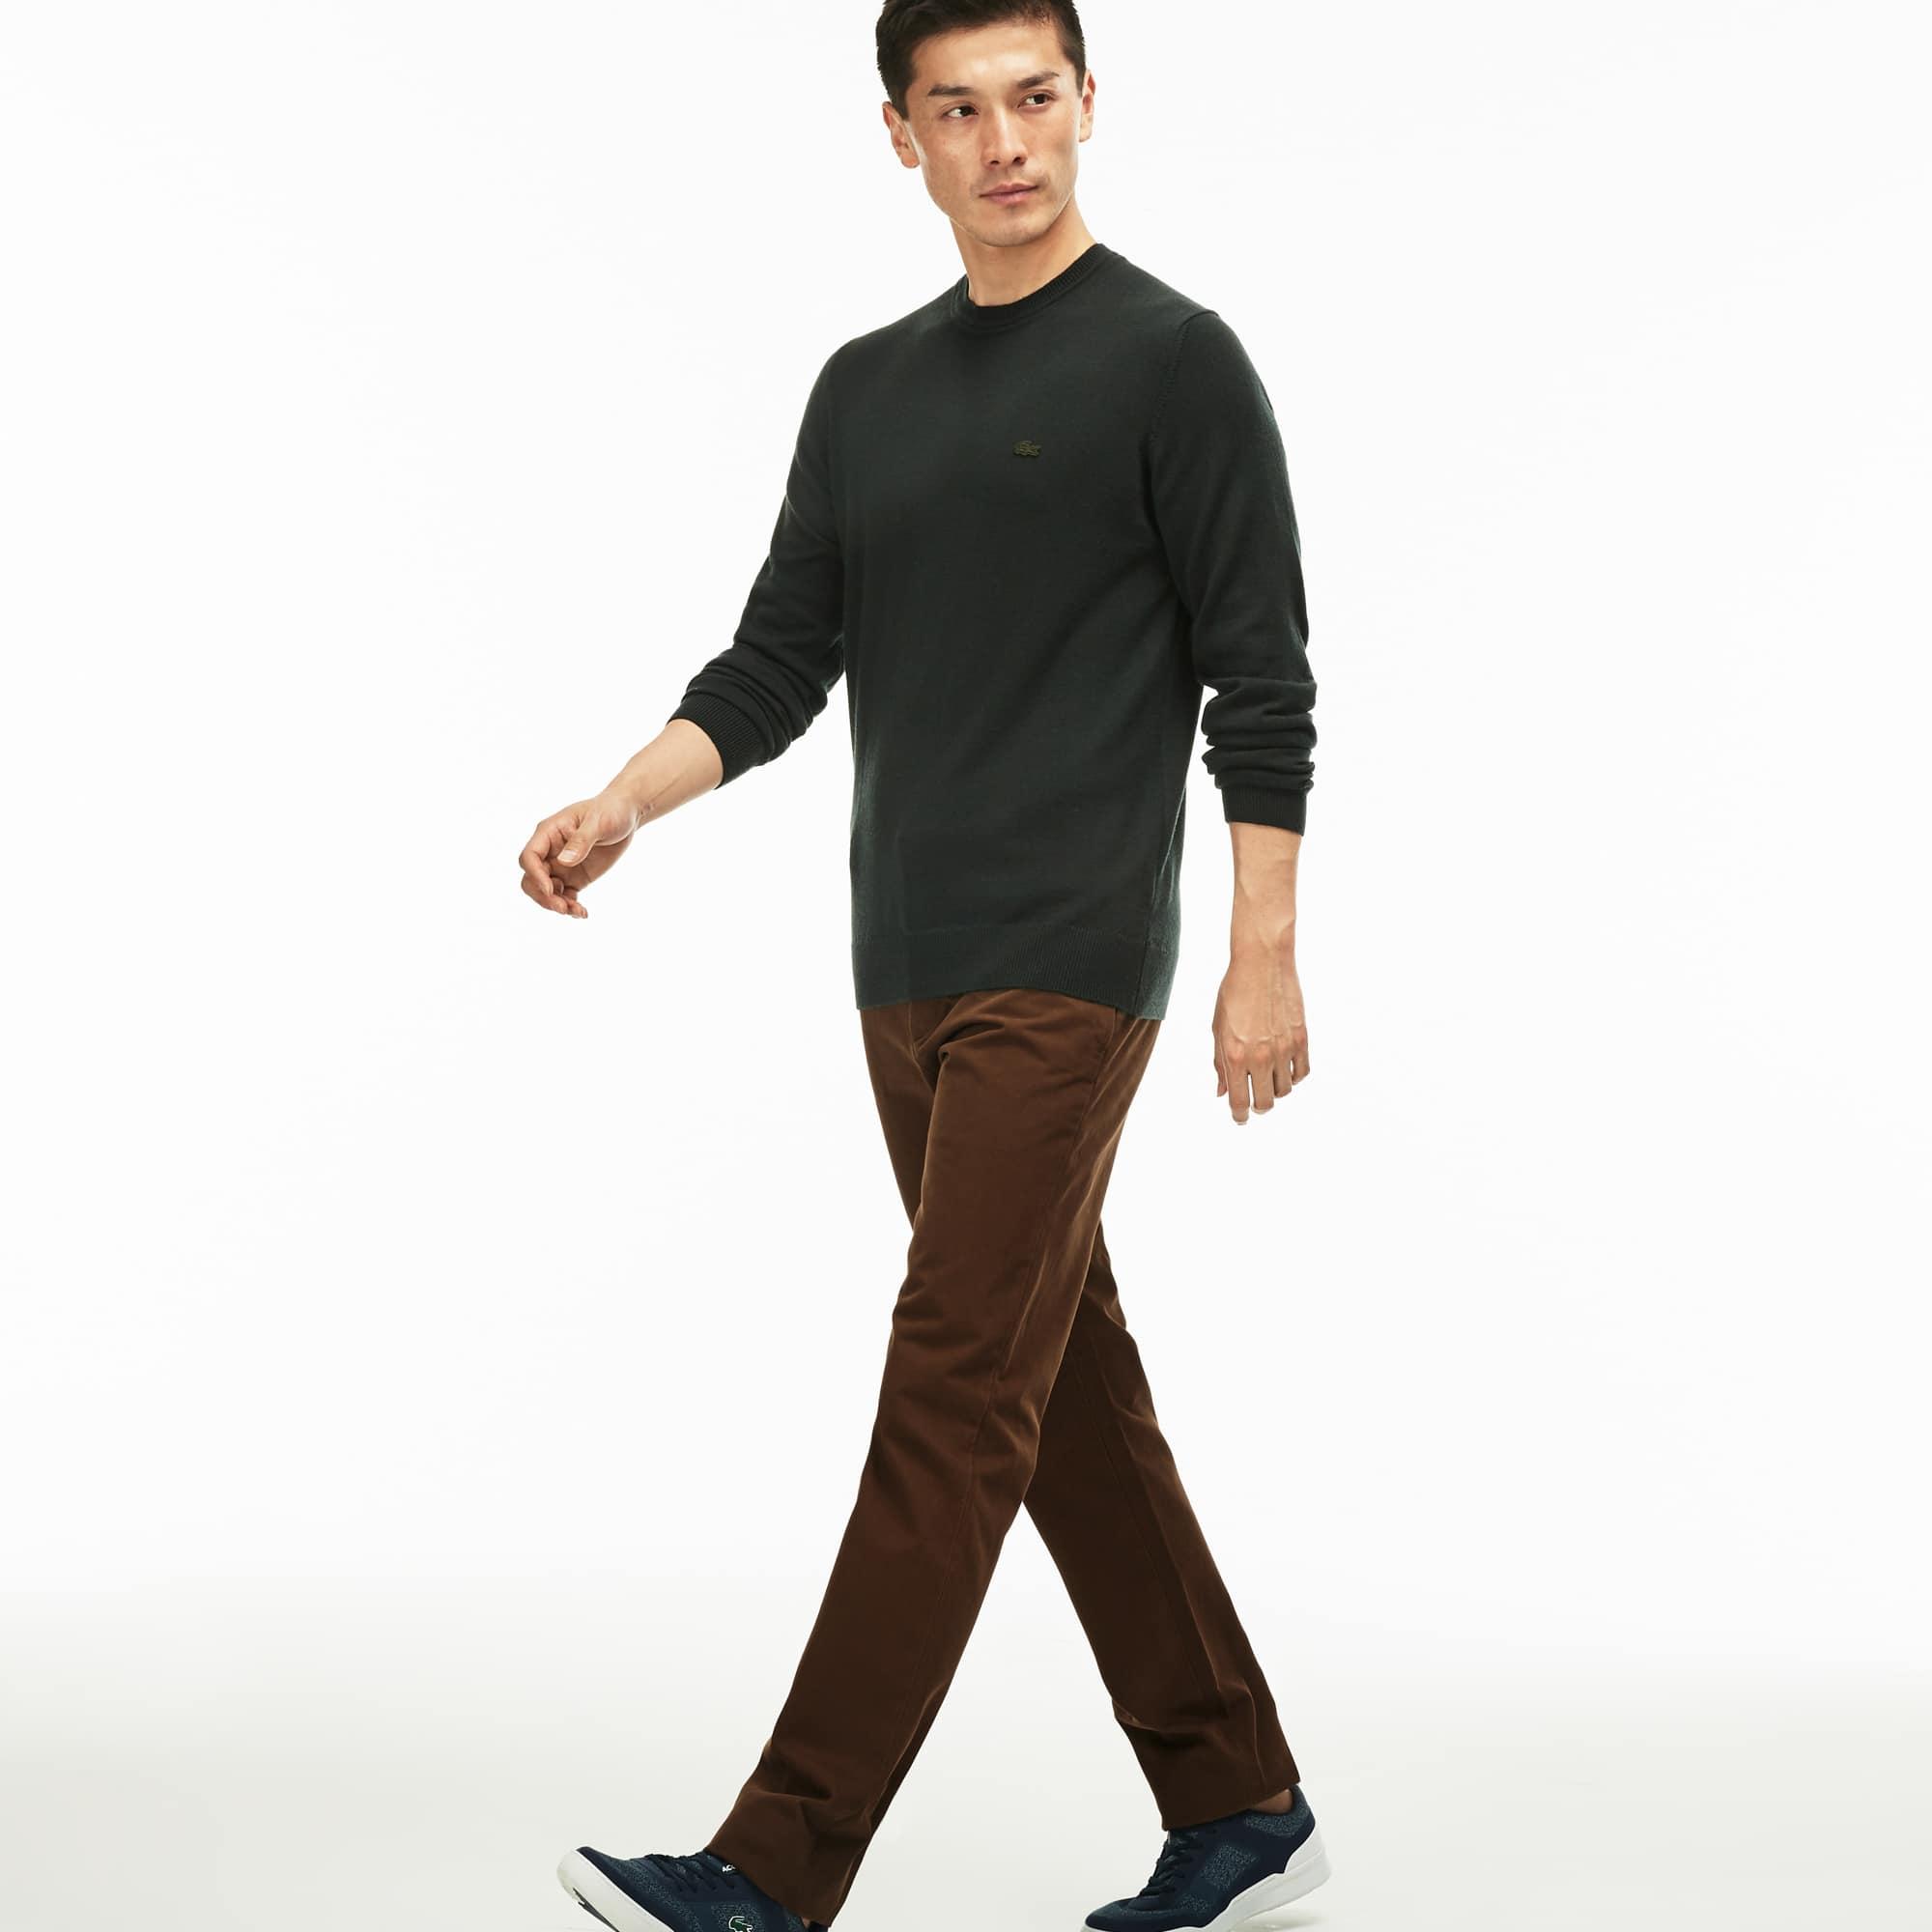 Pantalone chino dal taglio regolare in gabardine di cotone tinta unita